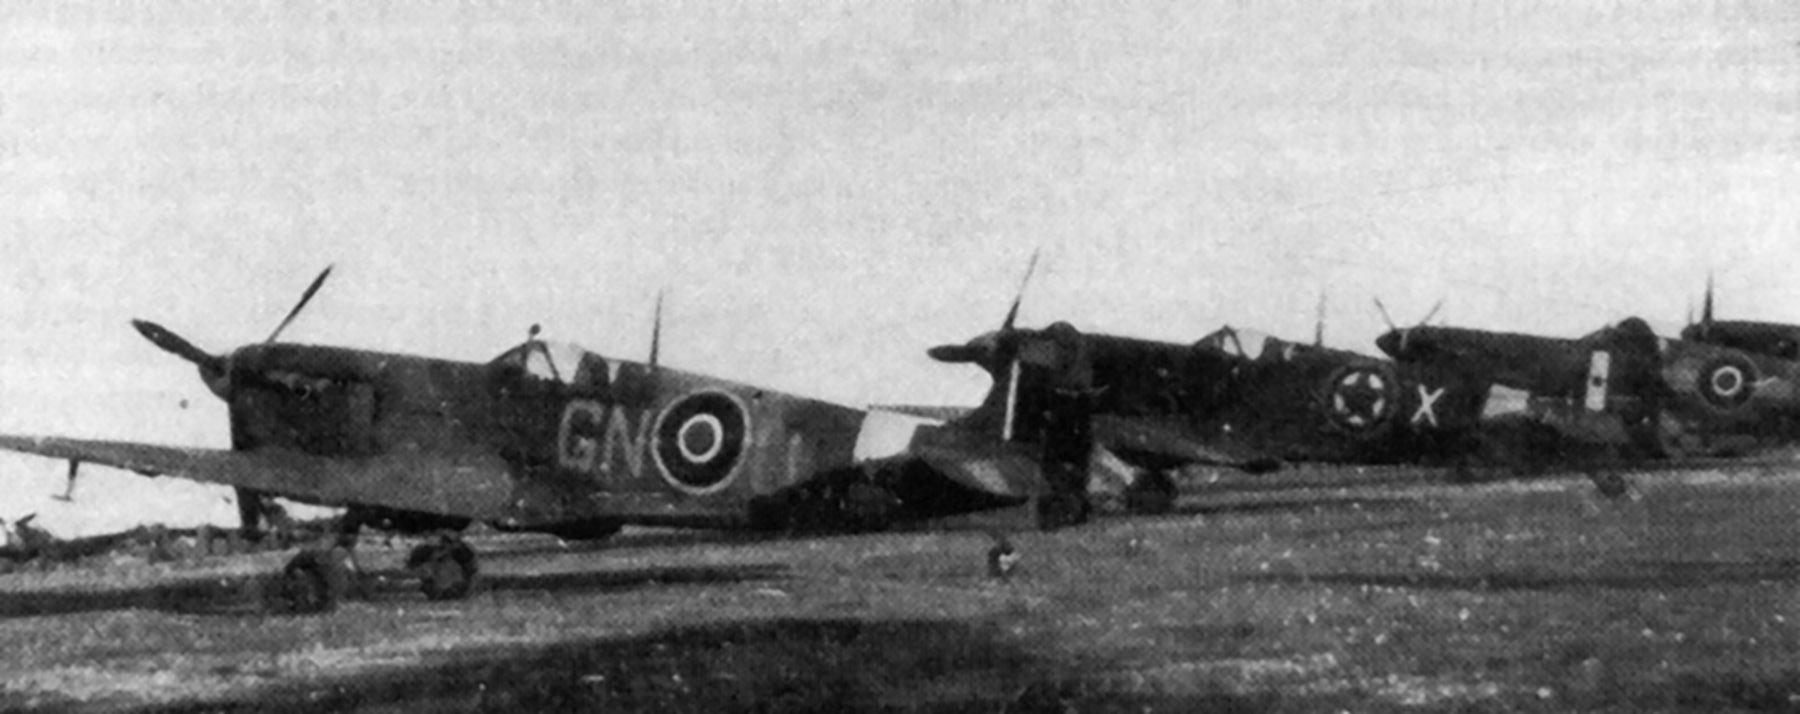 Spitfire MkVbTrop RAF 249Sqn GNU Italy 1944 01